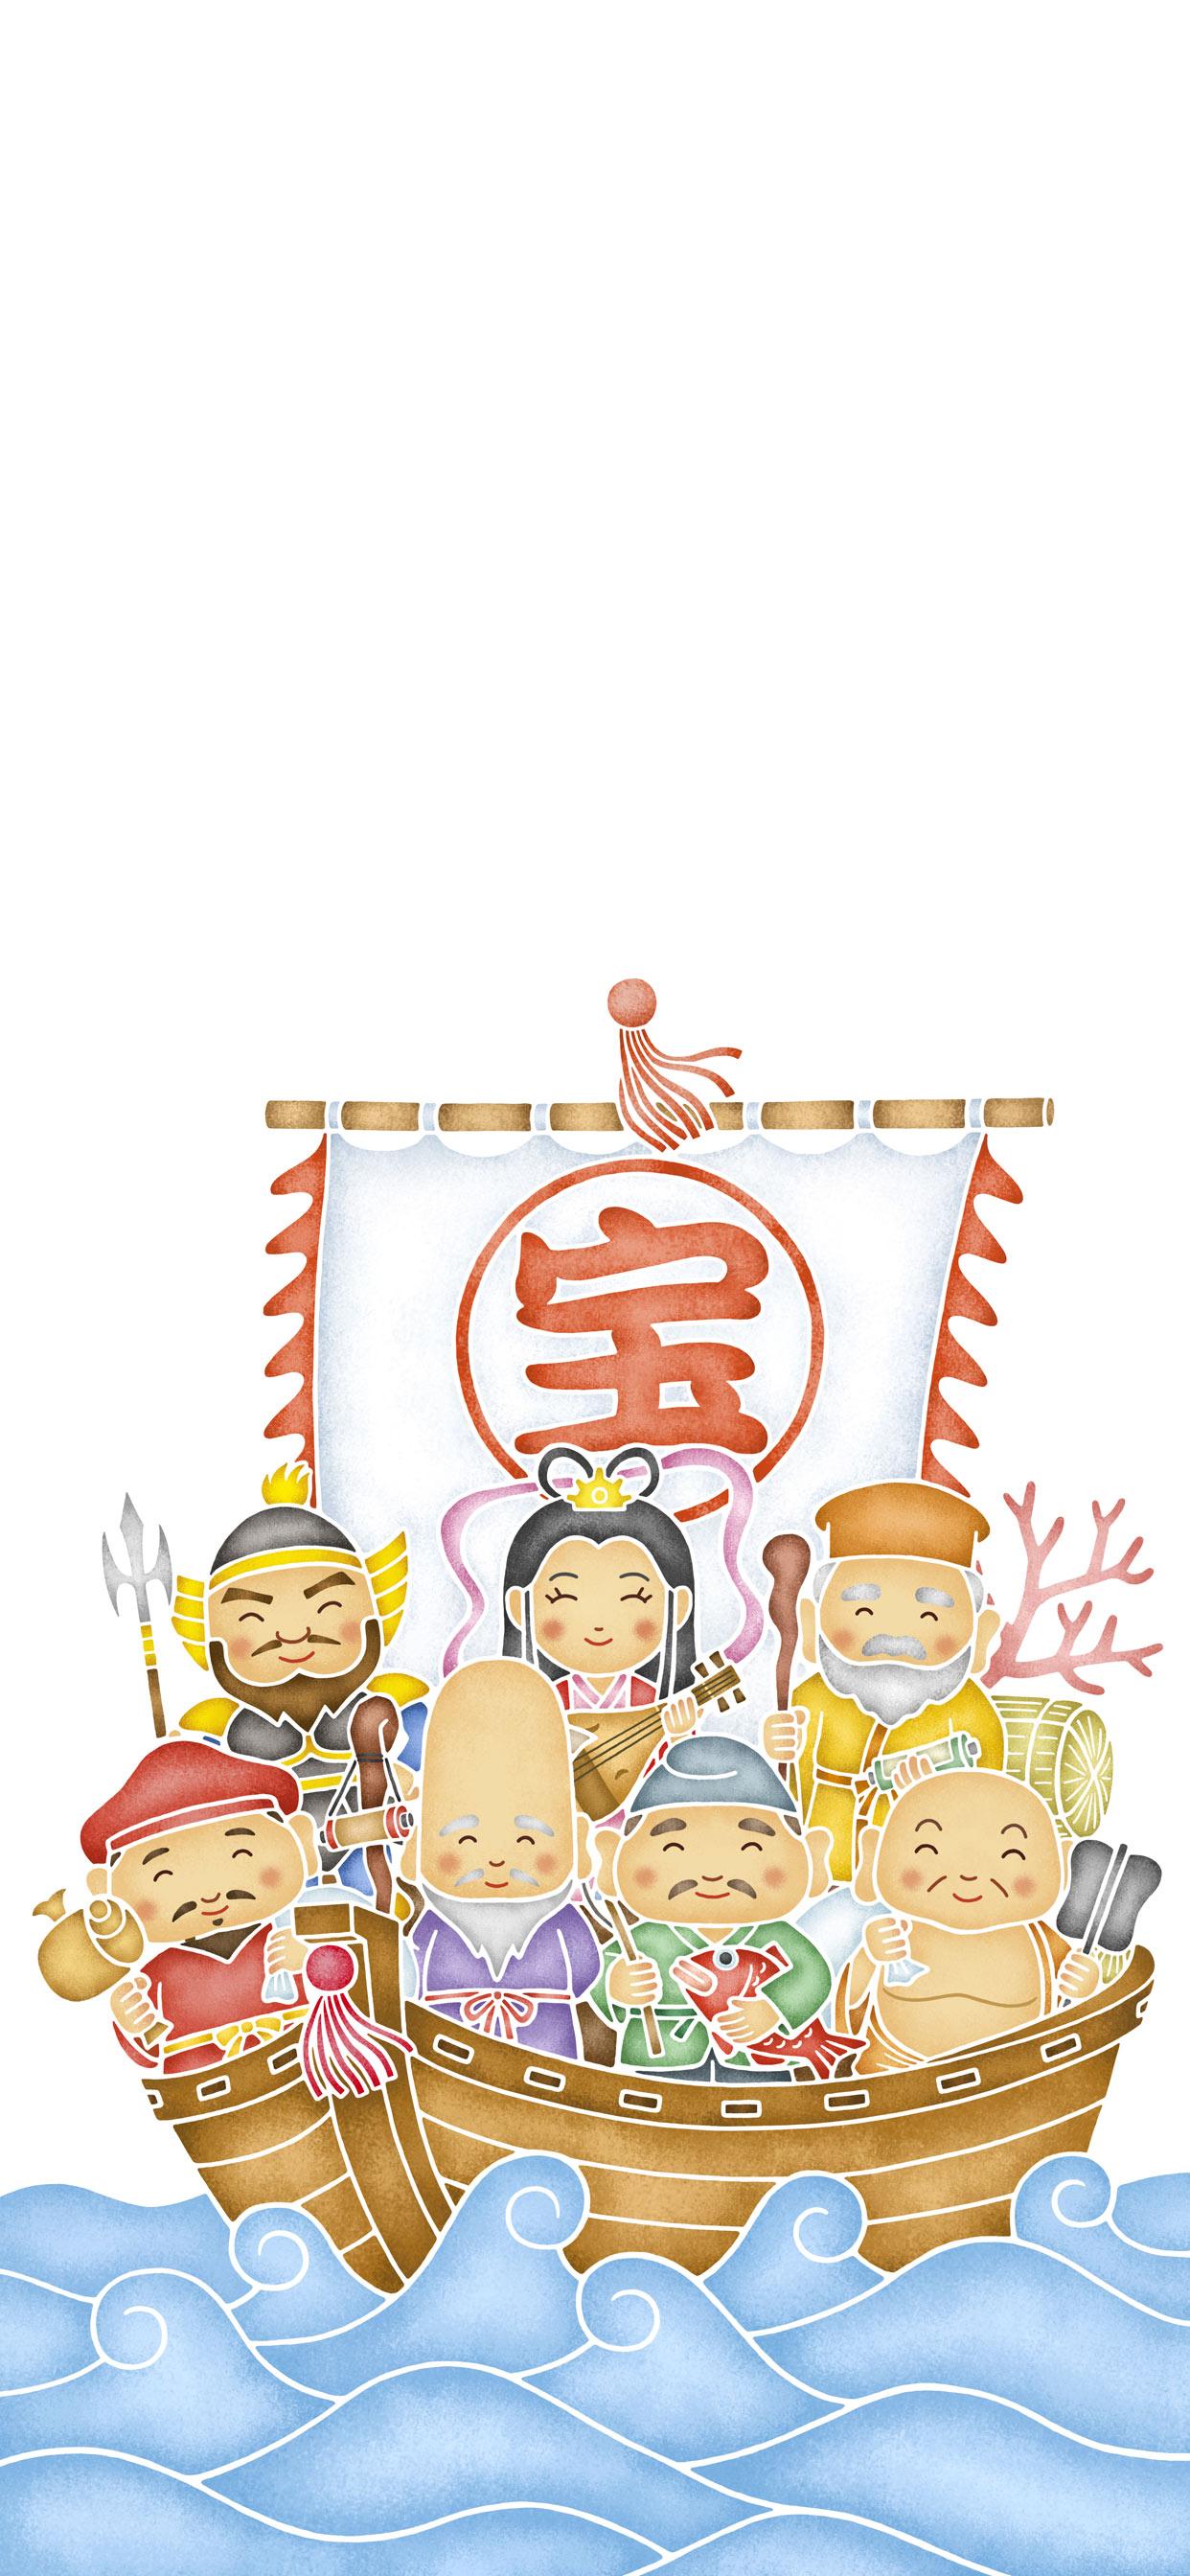 七福神の無料待ち受け画像 スマホ壁紙 Iphone Android 1 待ち受けparadise